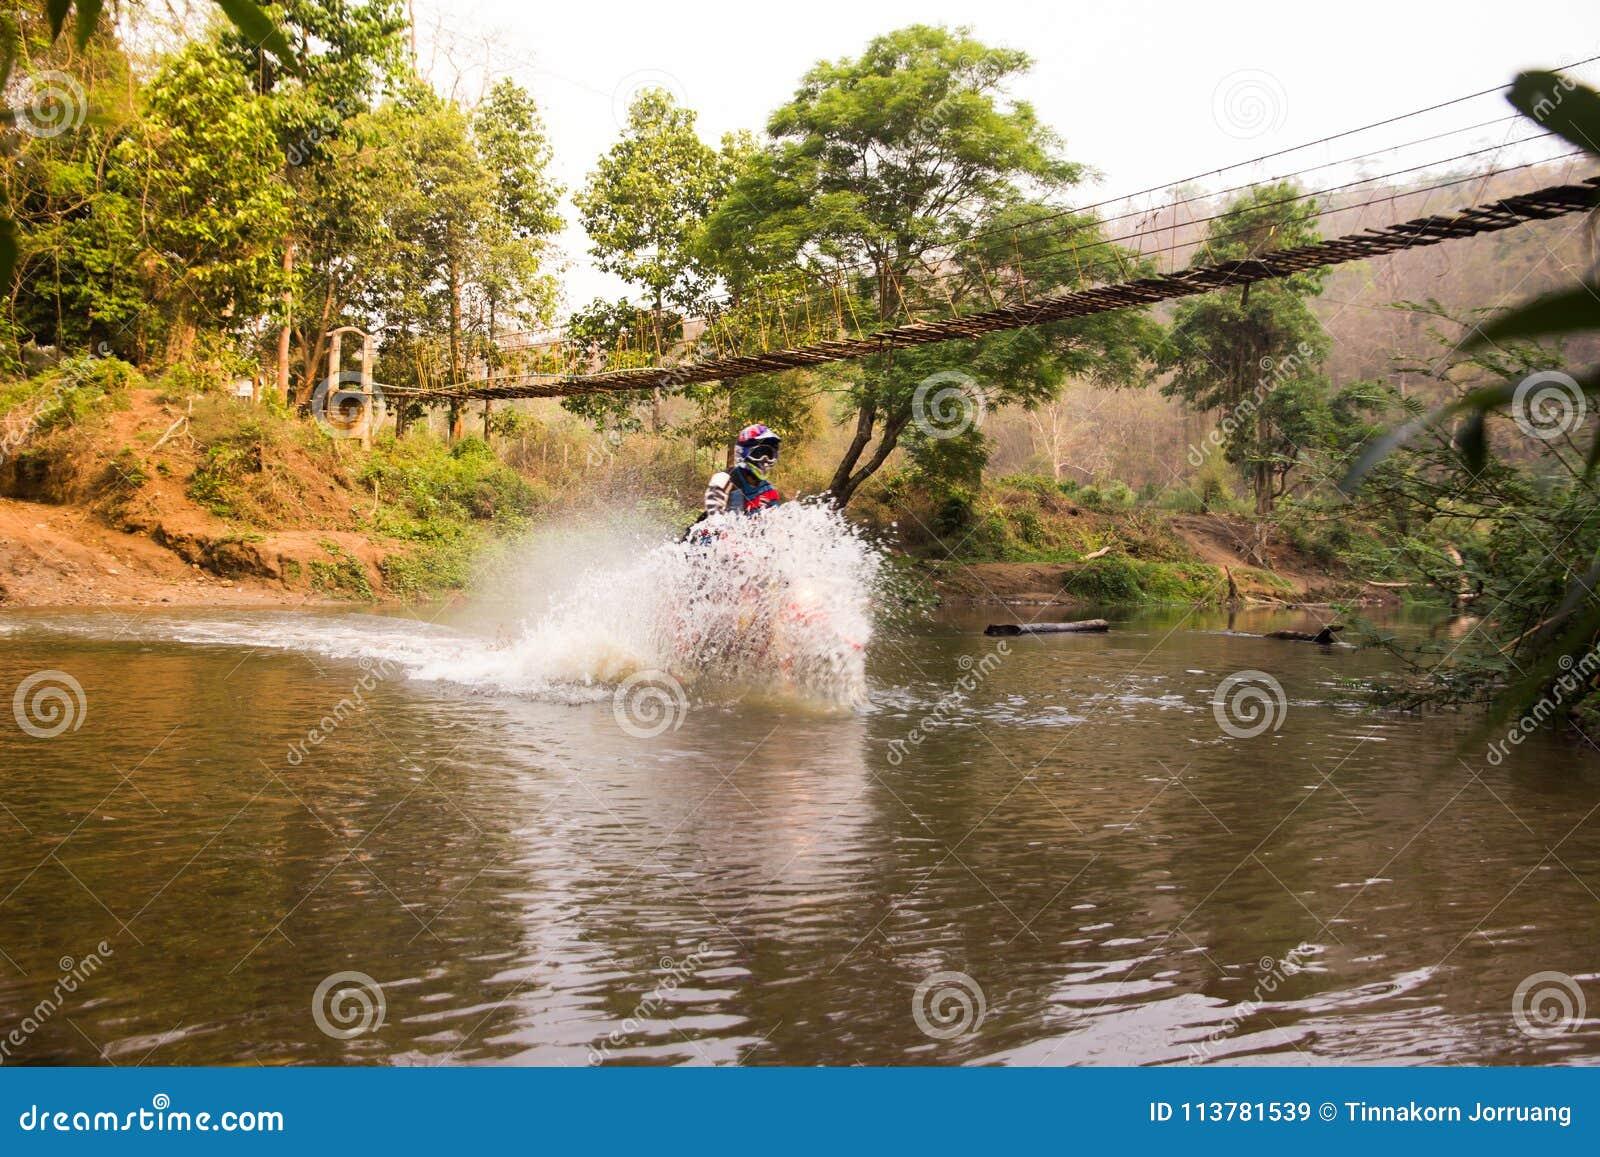 Unscharfer Bild enduro Motorradrennläufer fuhr in das Wasser